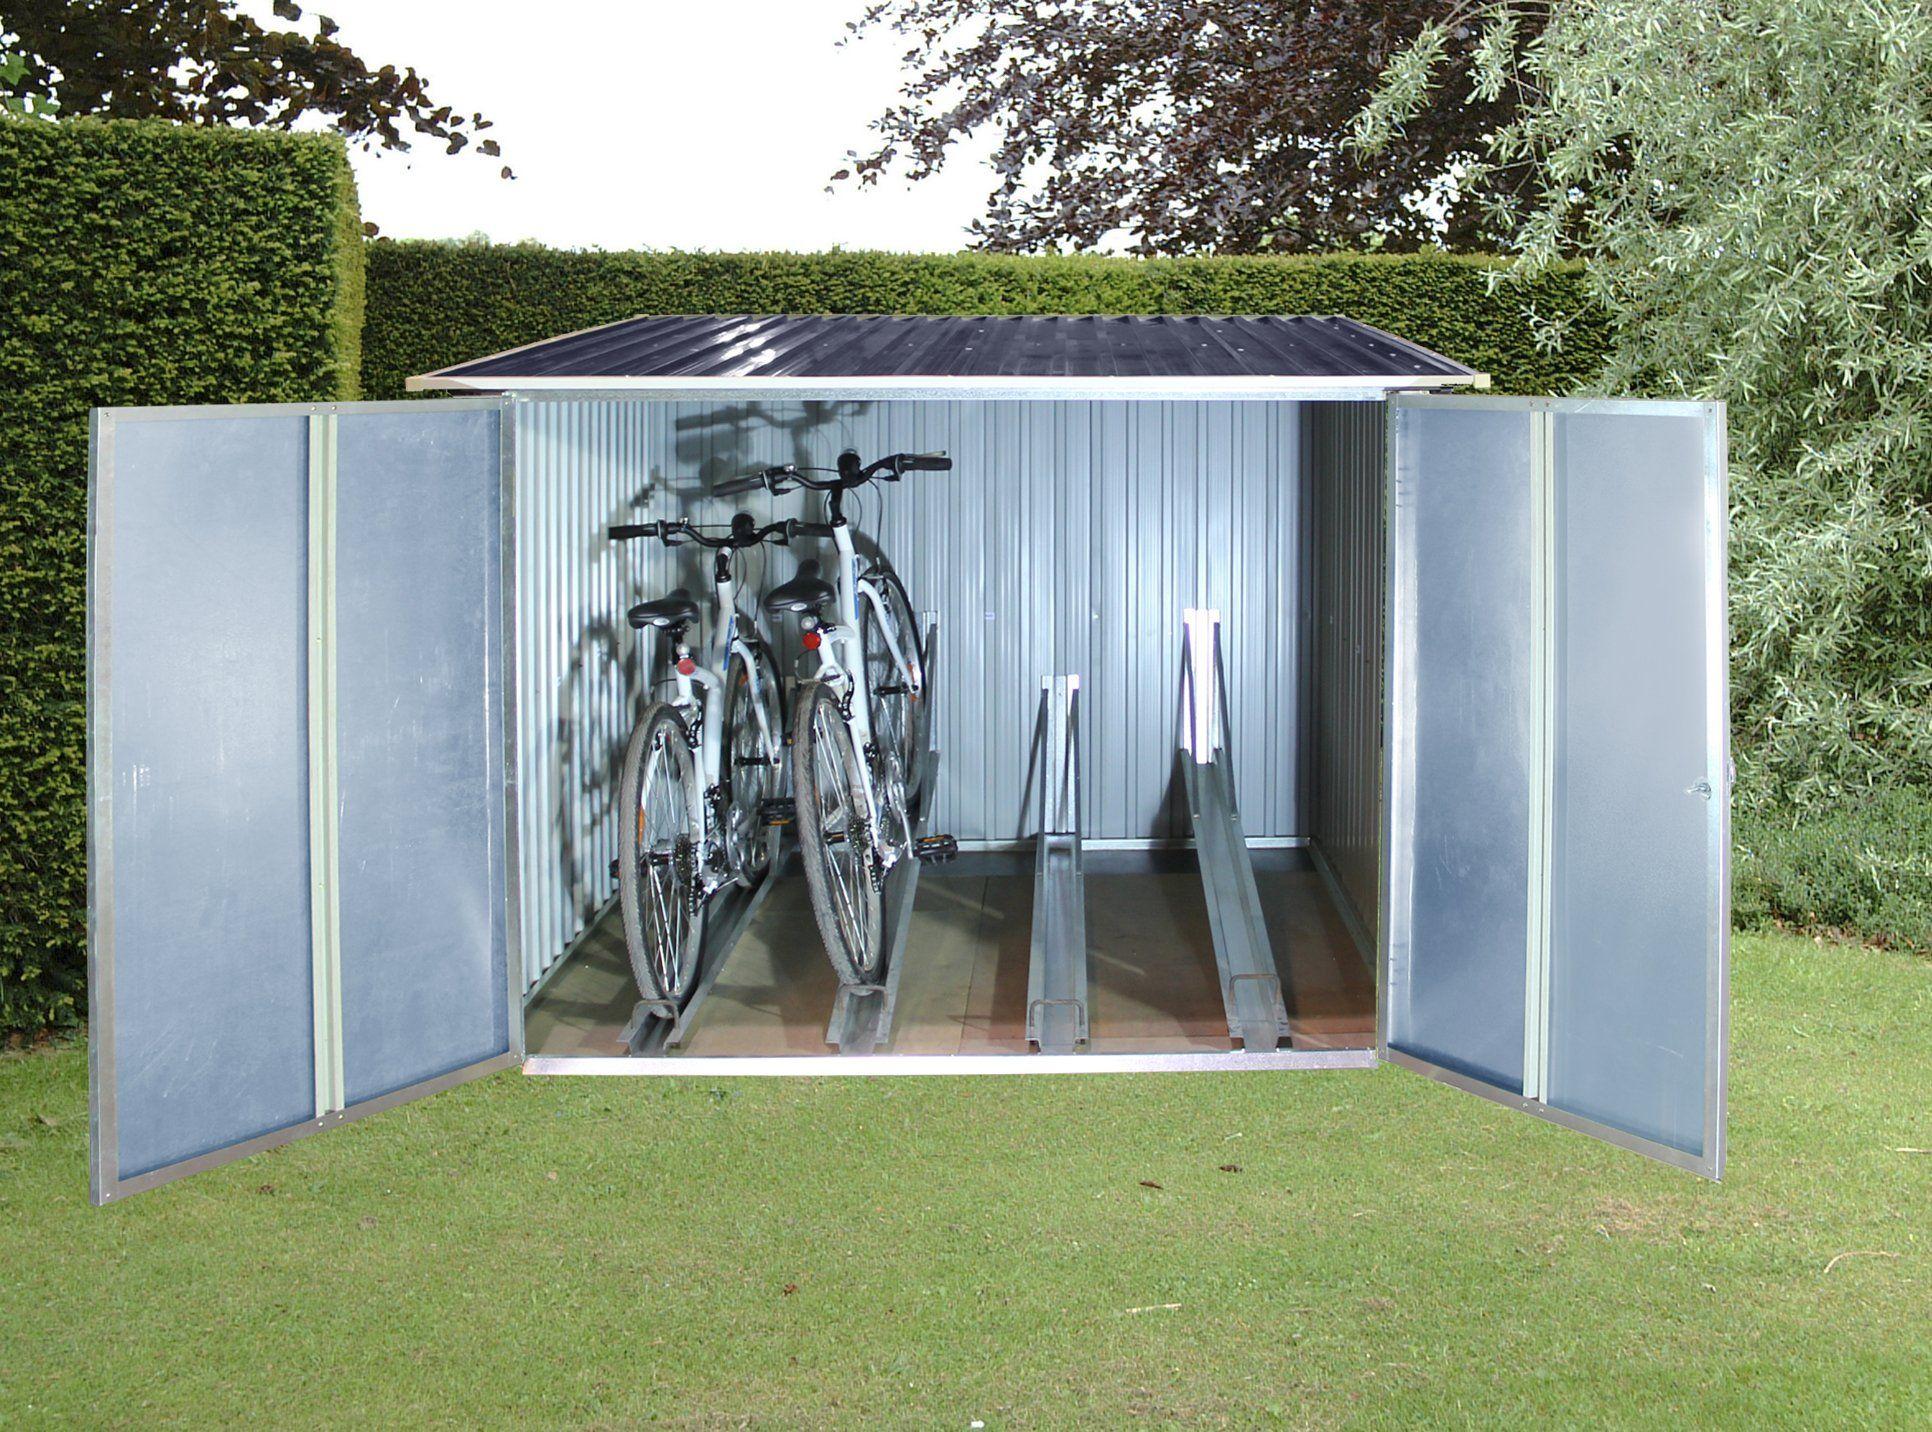 tepro 7165 fahrradbox für bis zu 4 fahrräder | fahrradbox